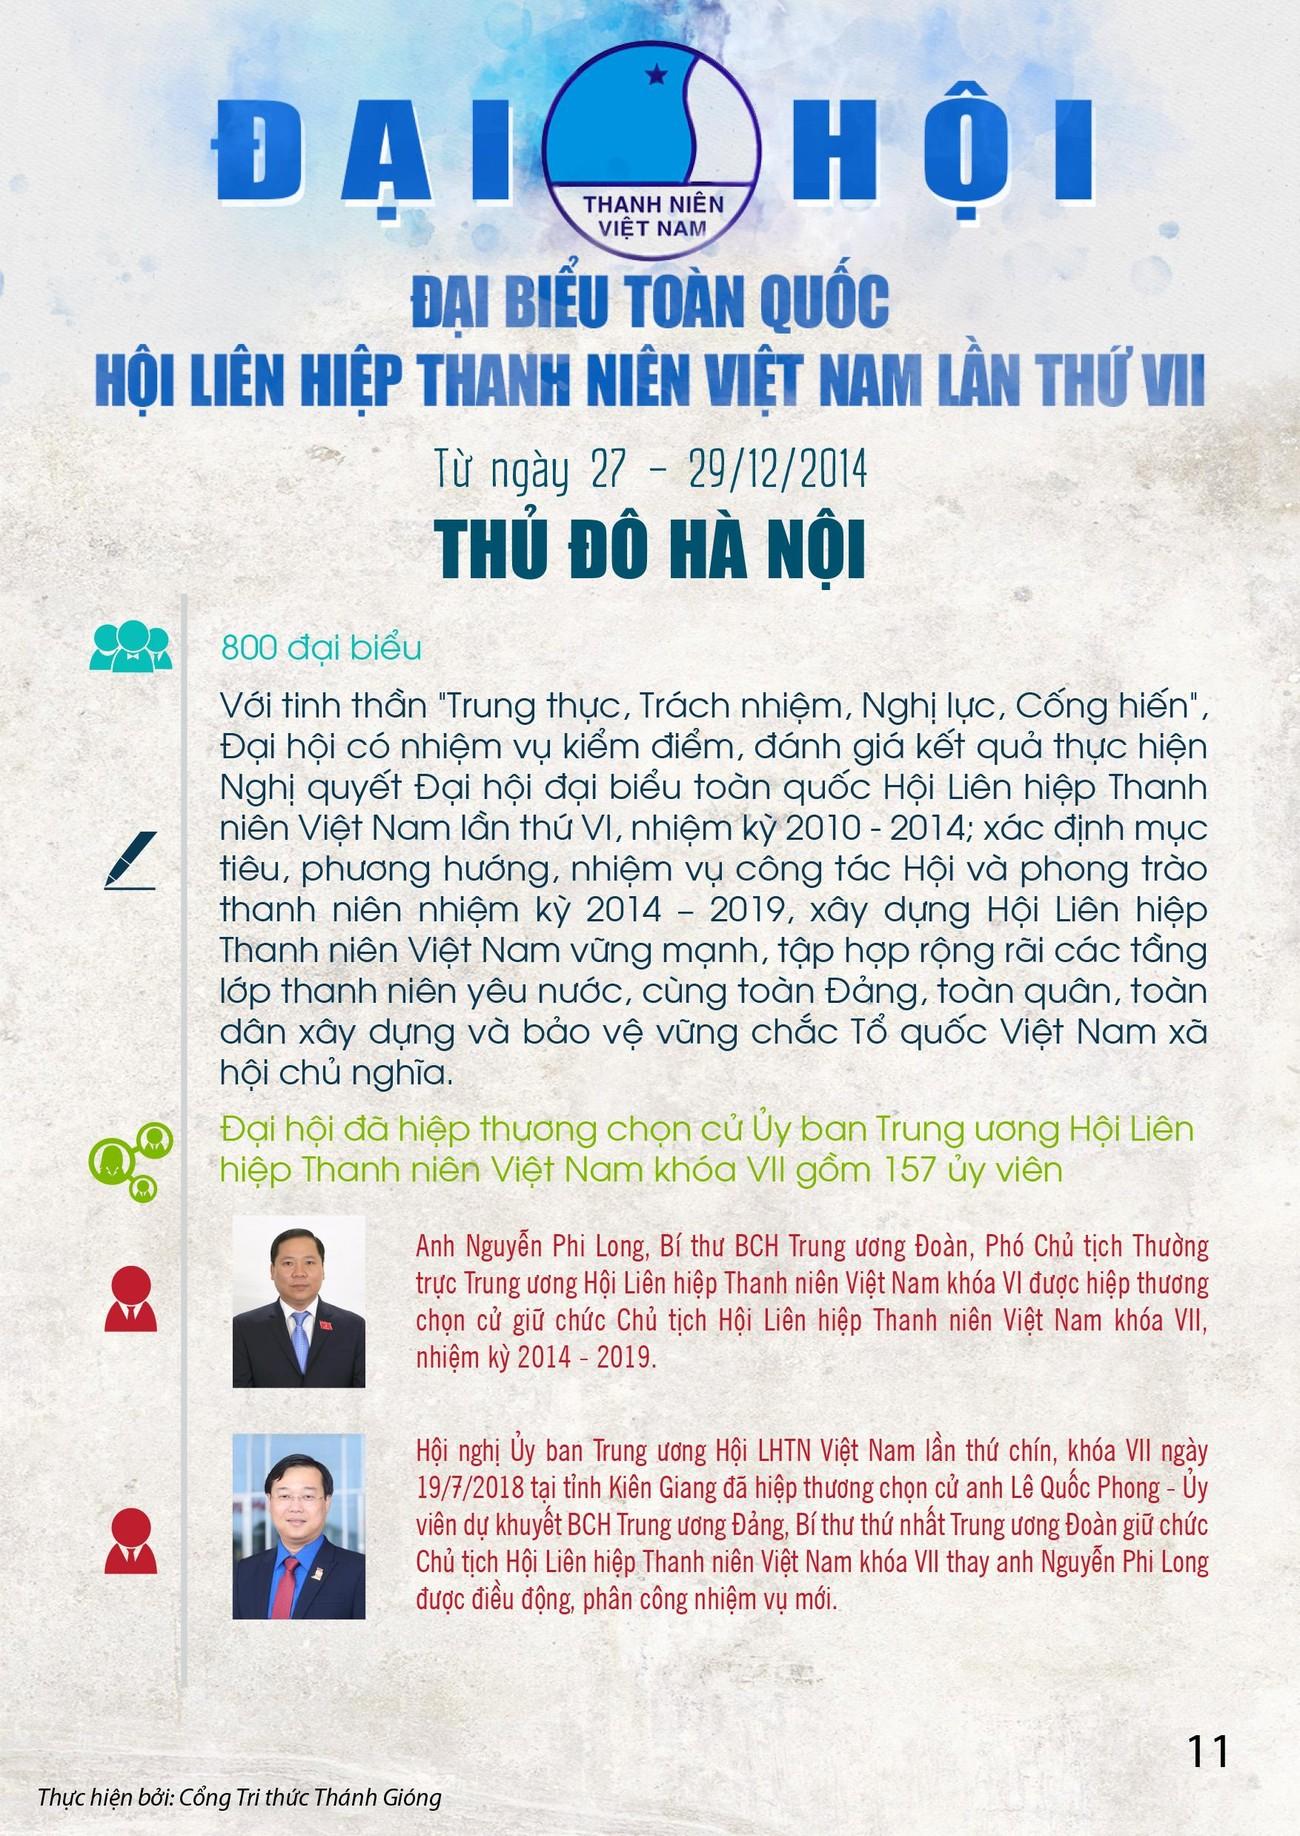 Các kỳ Đại hội toàn quốc Hội LHTN Việt Nam ảnh 11